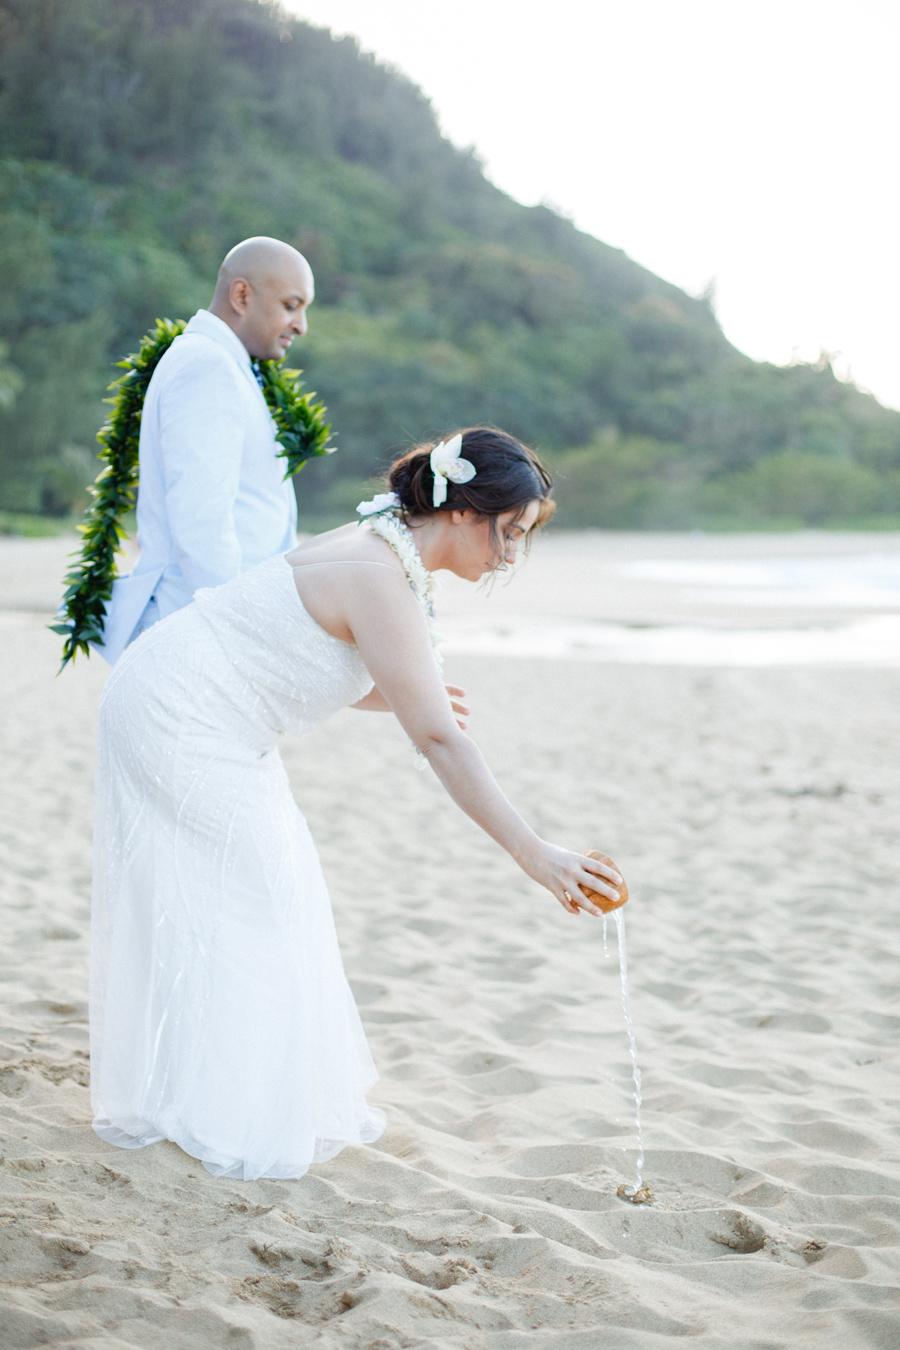 coconut ceremony by kelvin ho